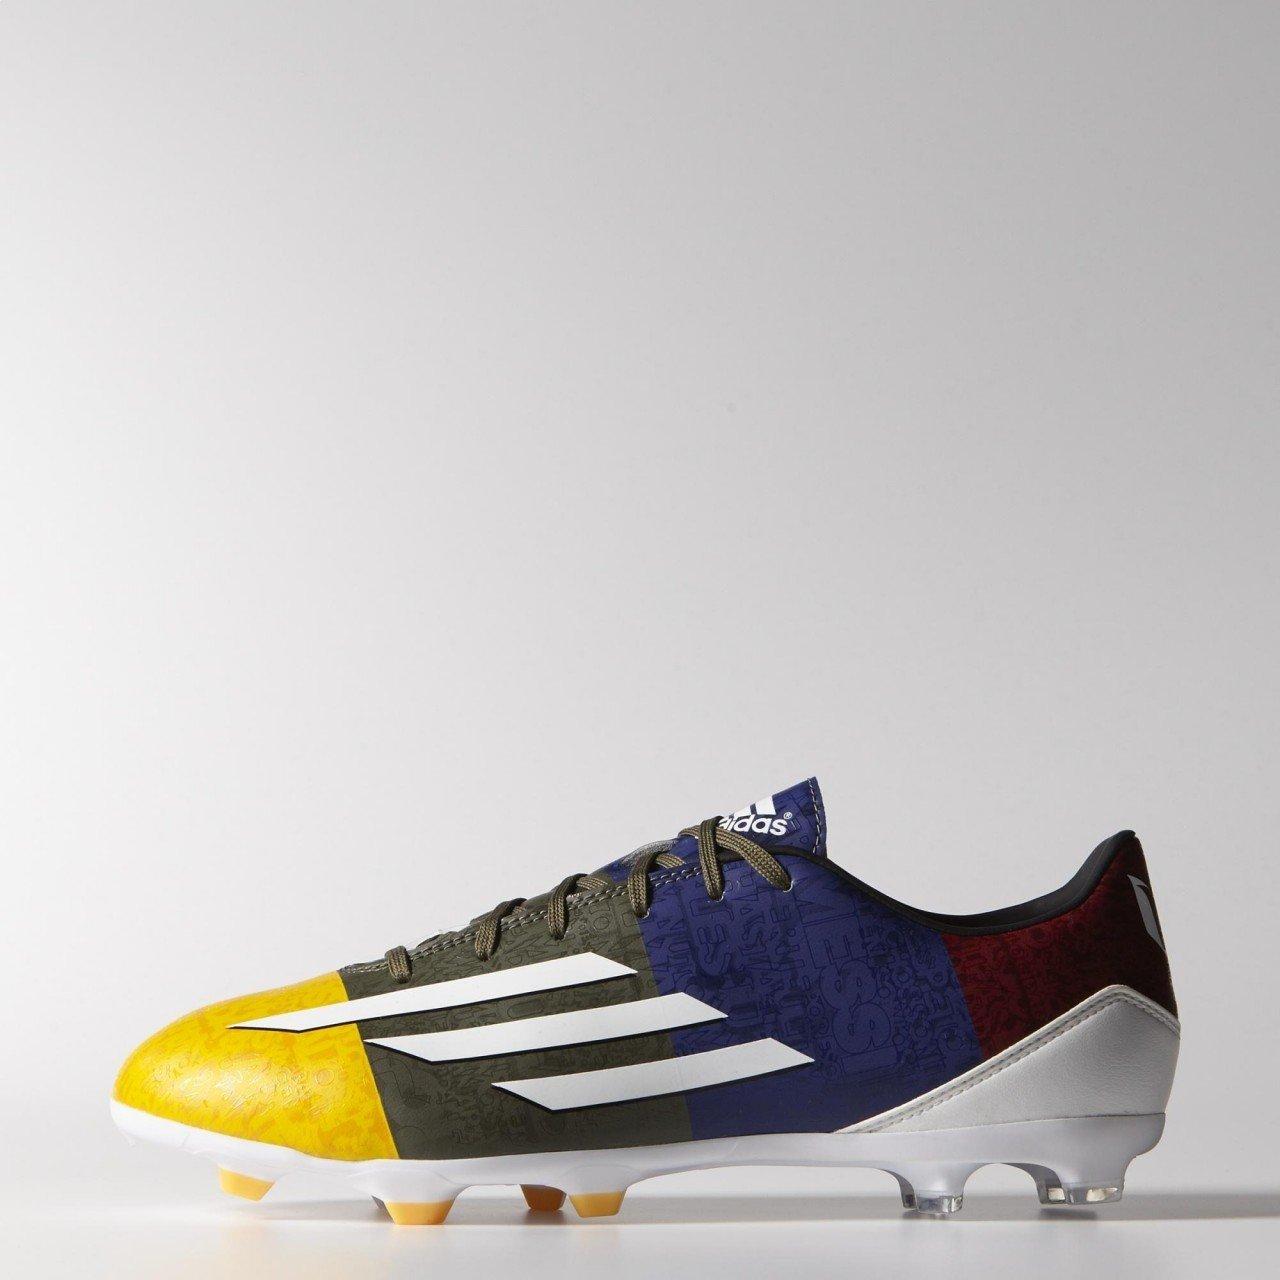 Adidas Messi Messi Messi F10, Fg Fußballschuh Herren de3c95